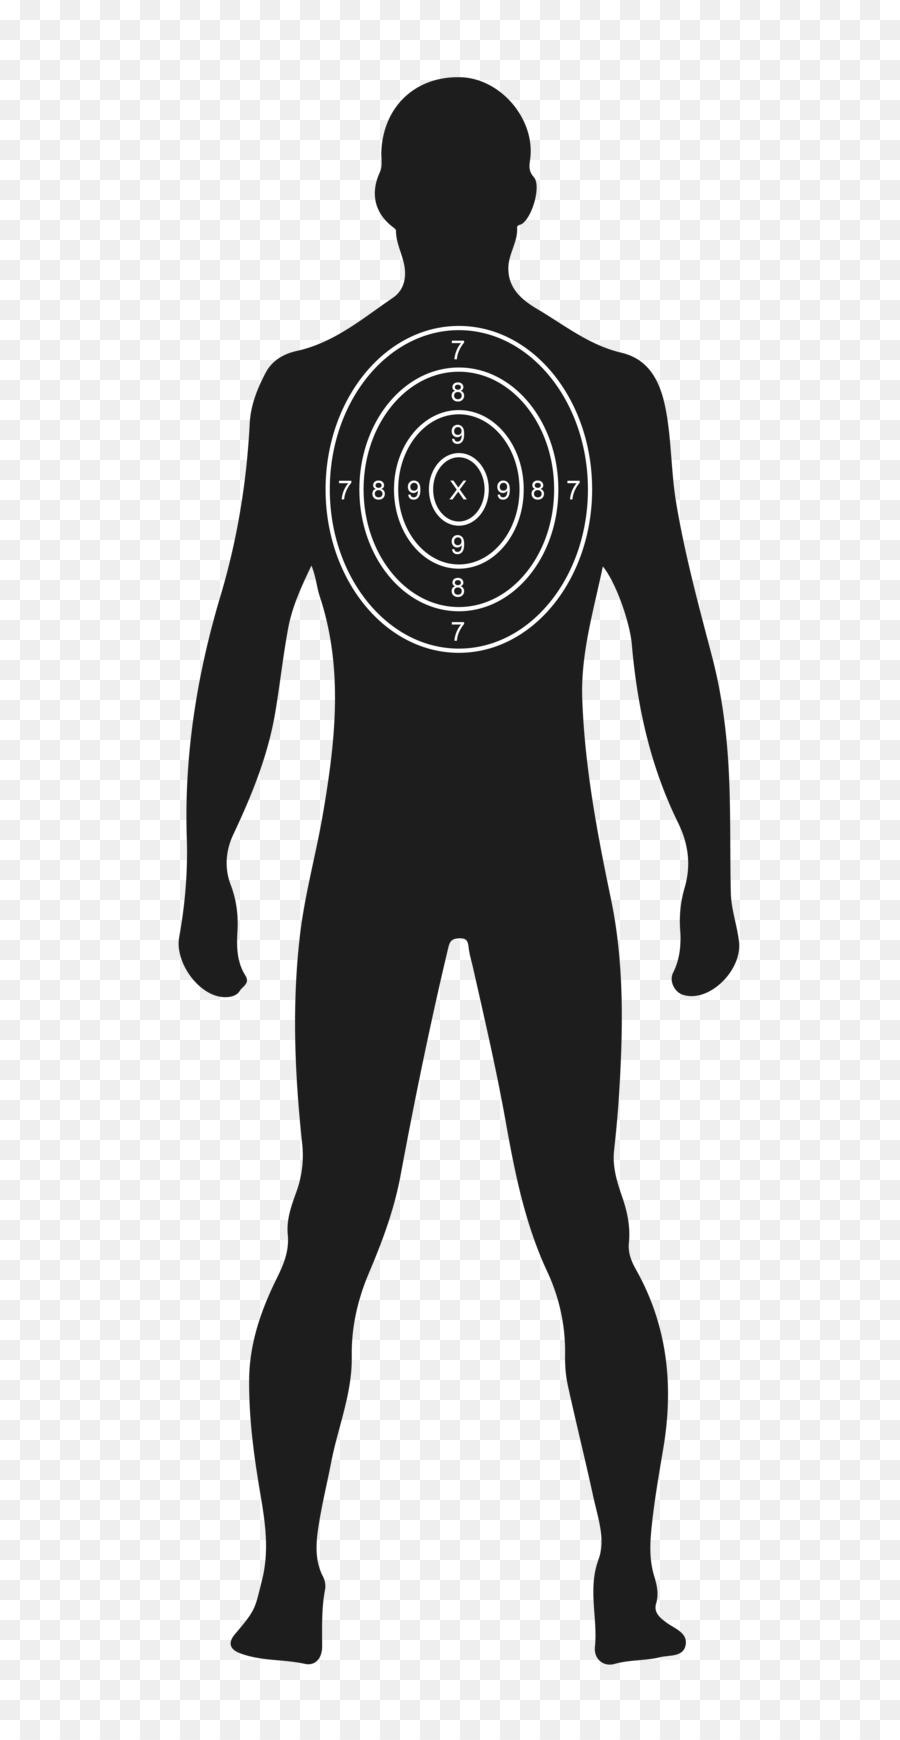 """Résultat de recherche d'images pour """"target human"""""""